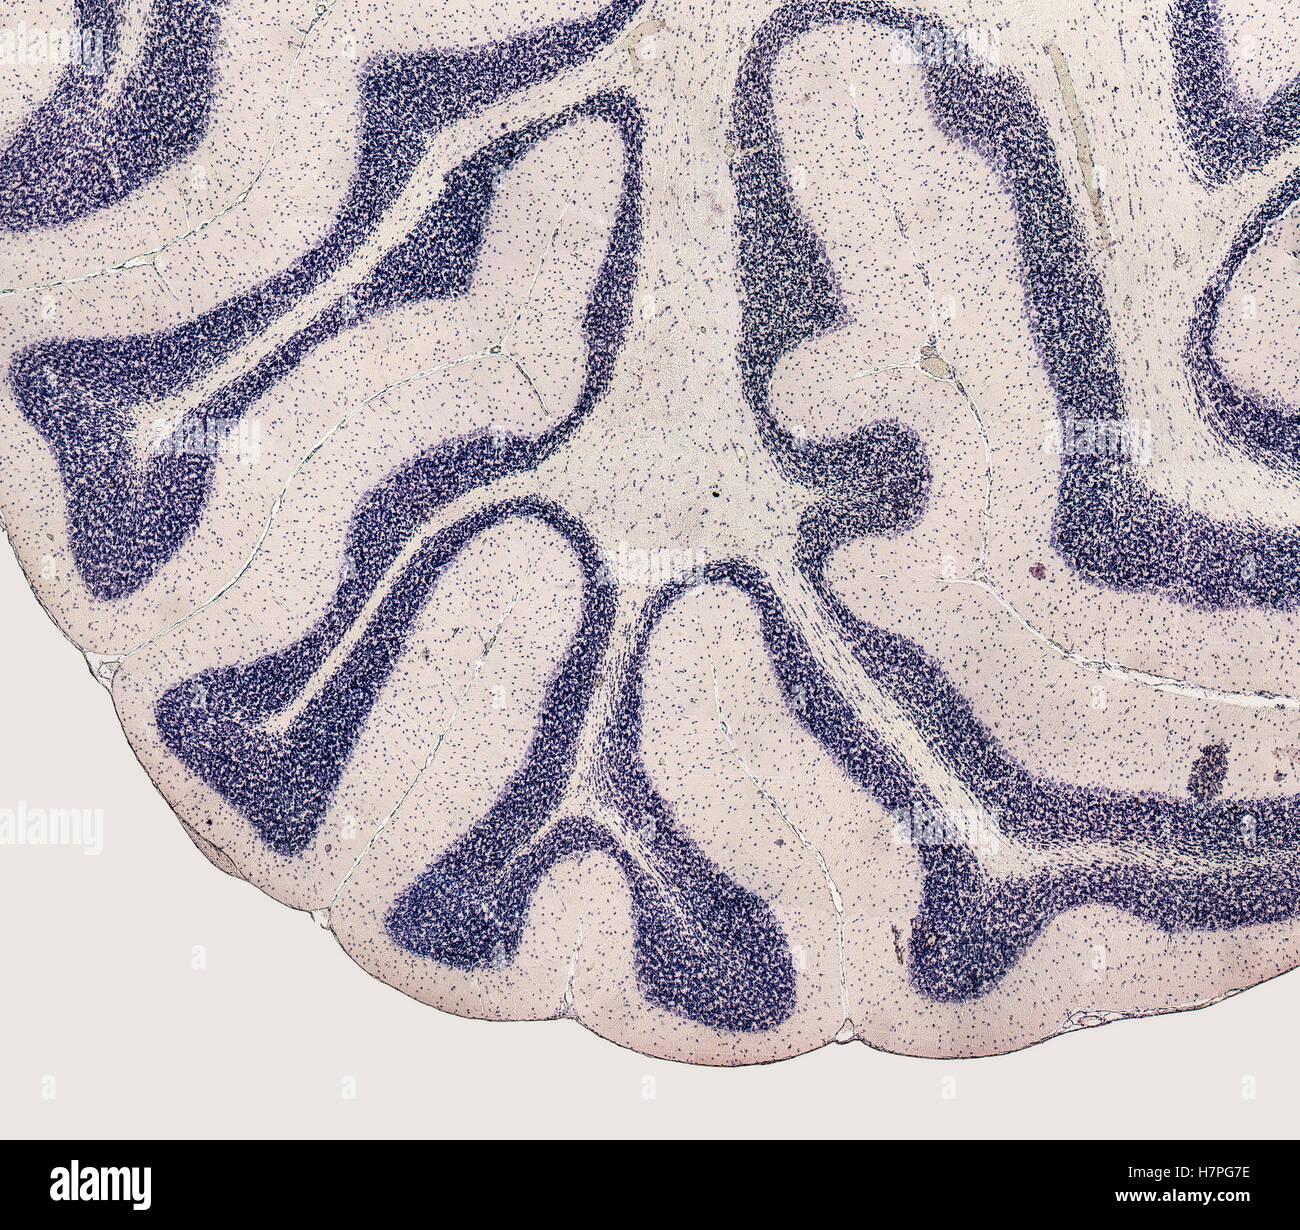 Détail microscopique montrant le cerveau d'un rat Banque D'Images